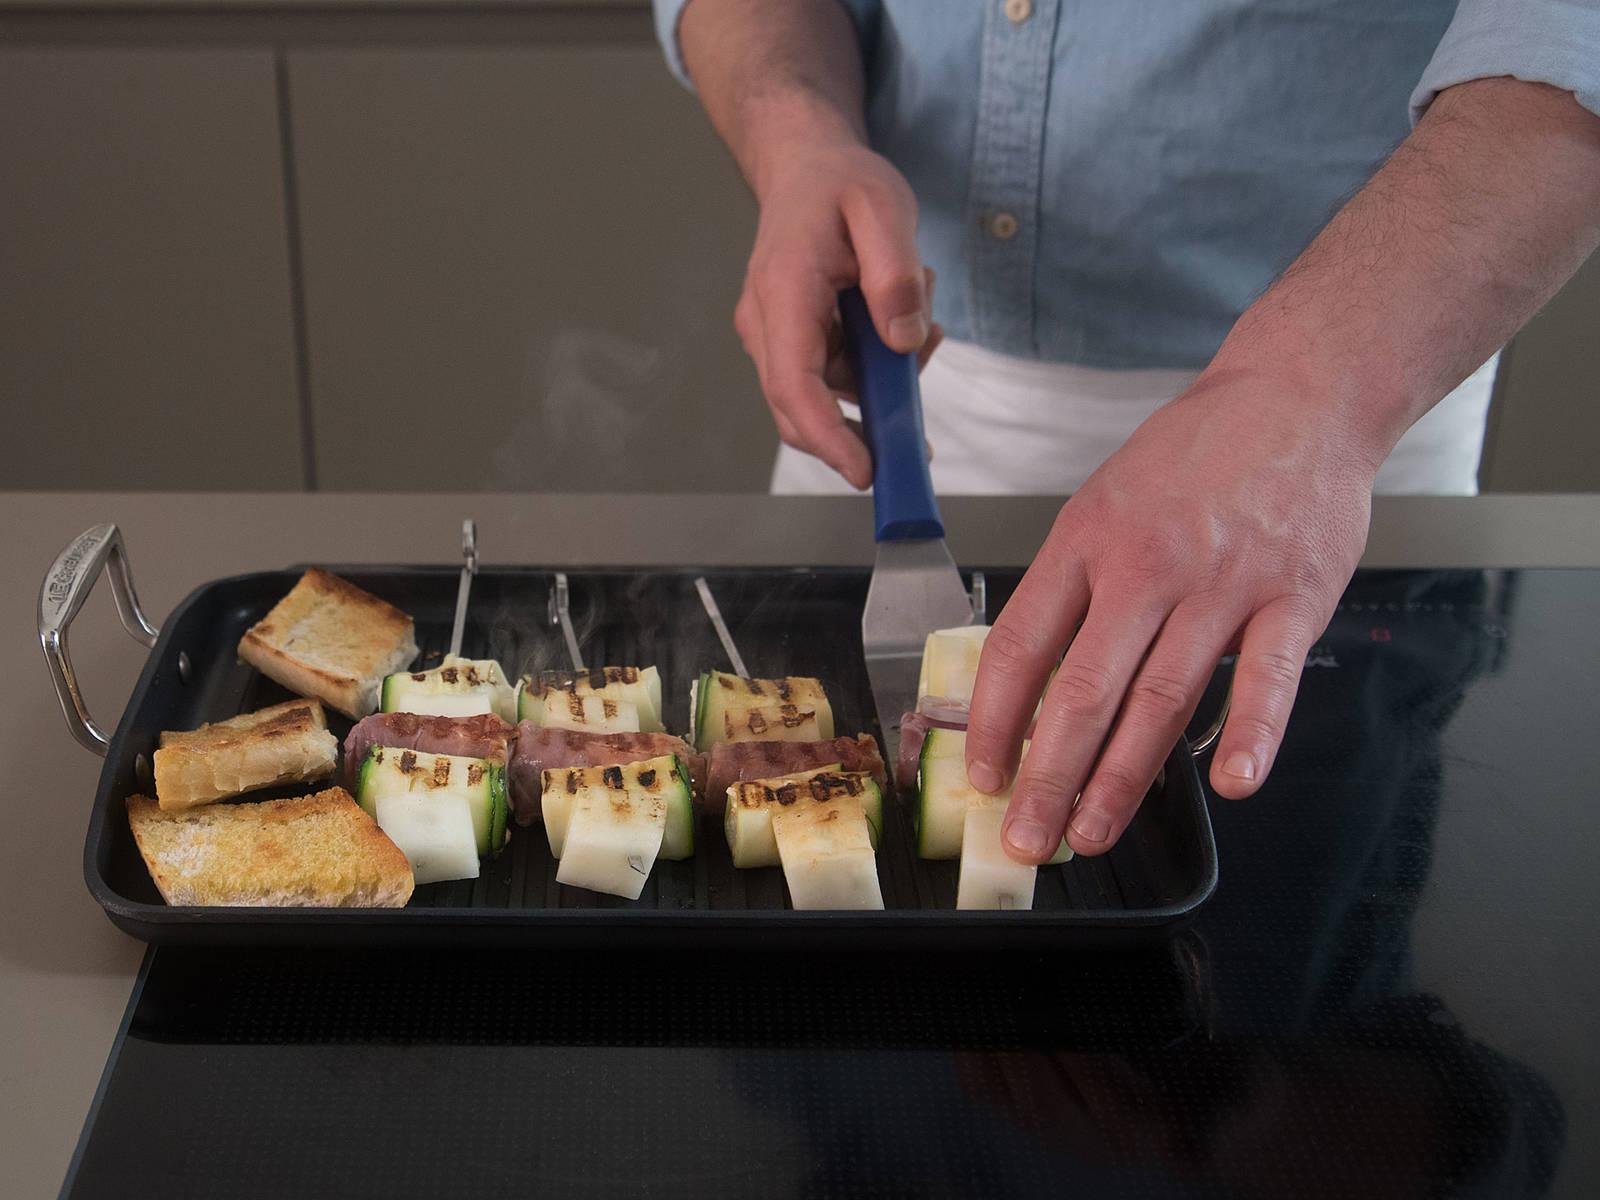 高火均匀地烤烤串各面,约需7-10分钟。若喜欢,可搭配法棍、番茄萨尔萨酱和芝麻菜享用。